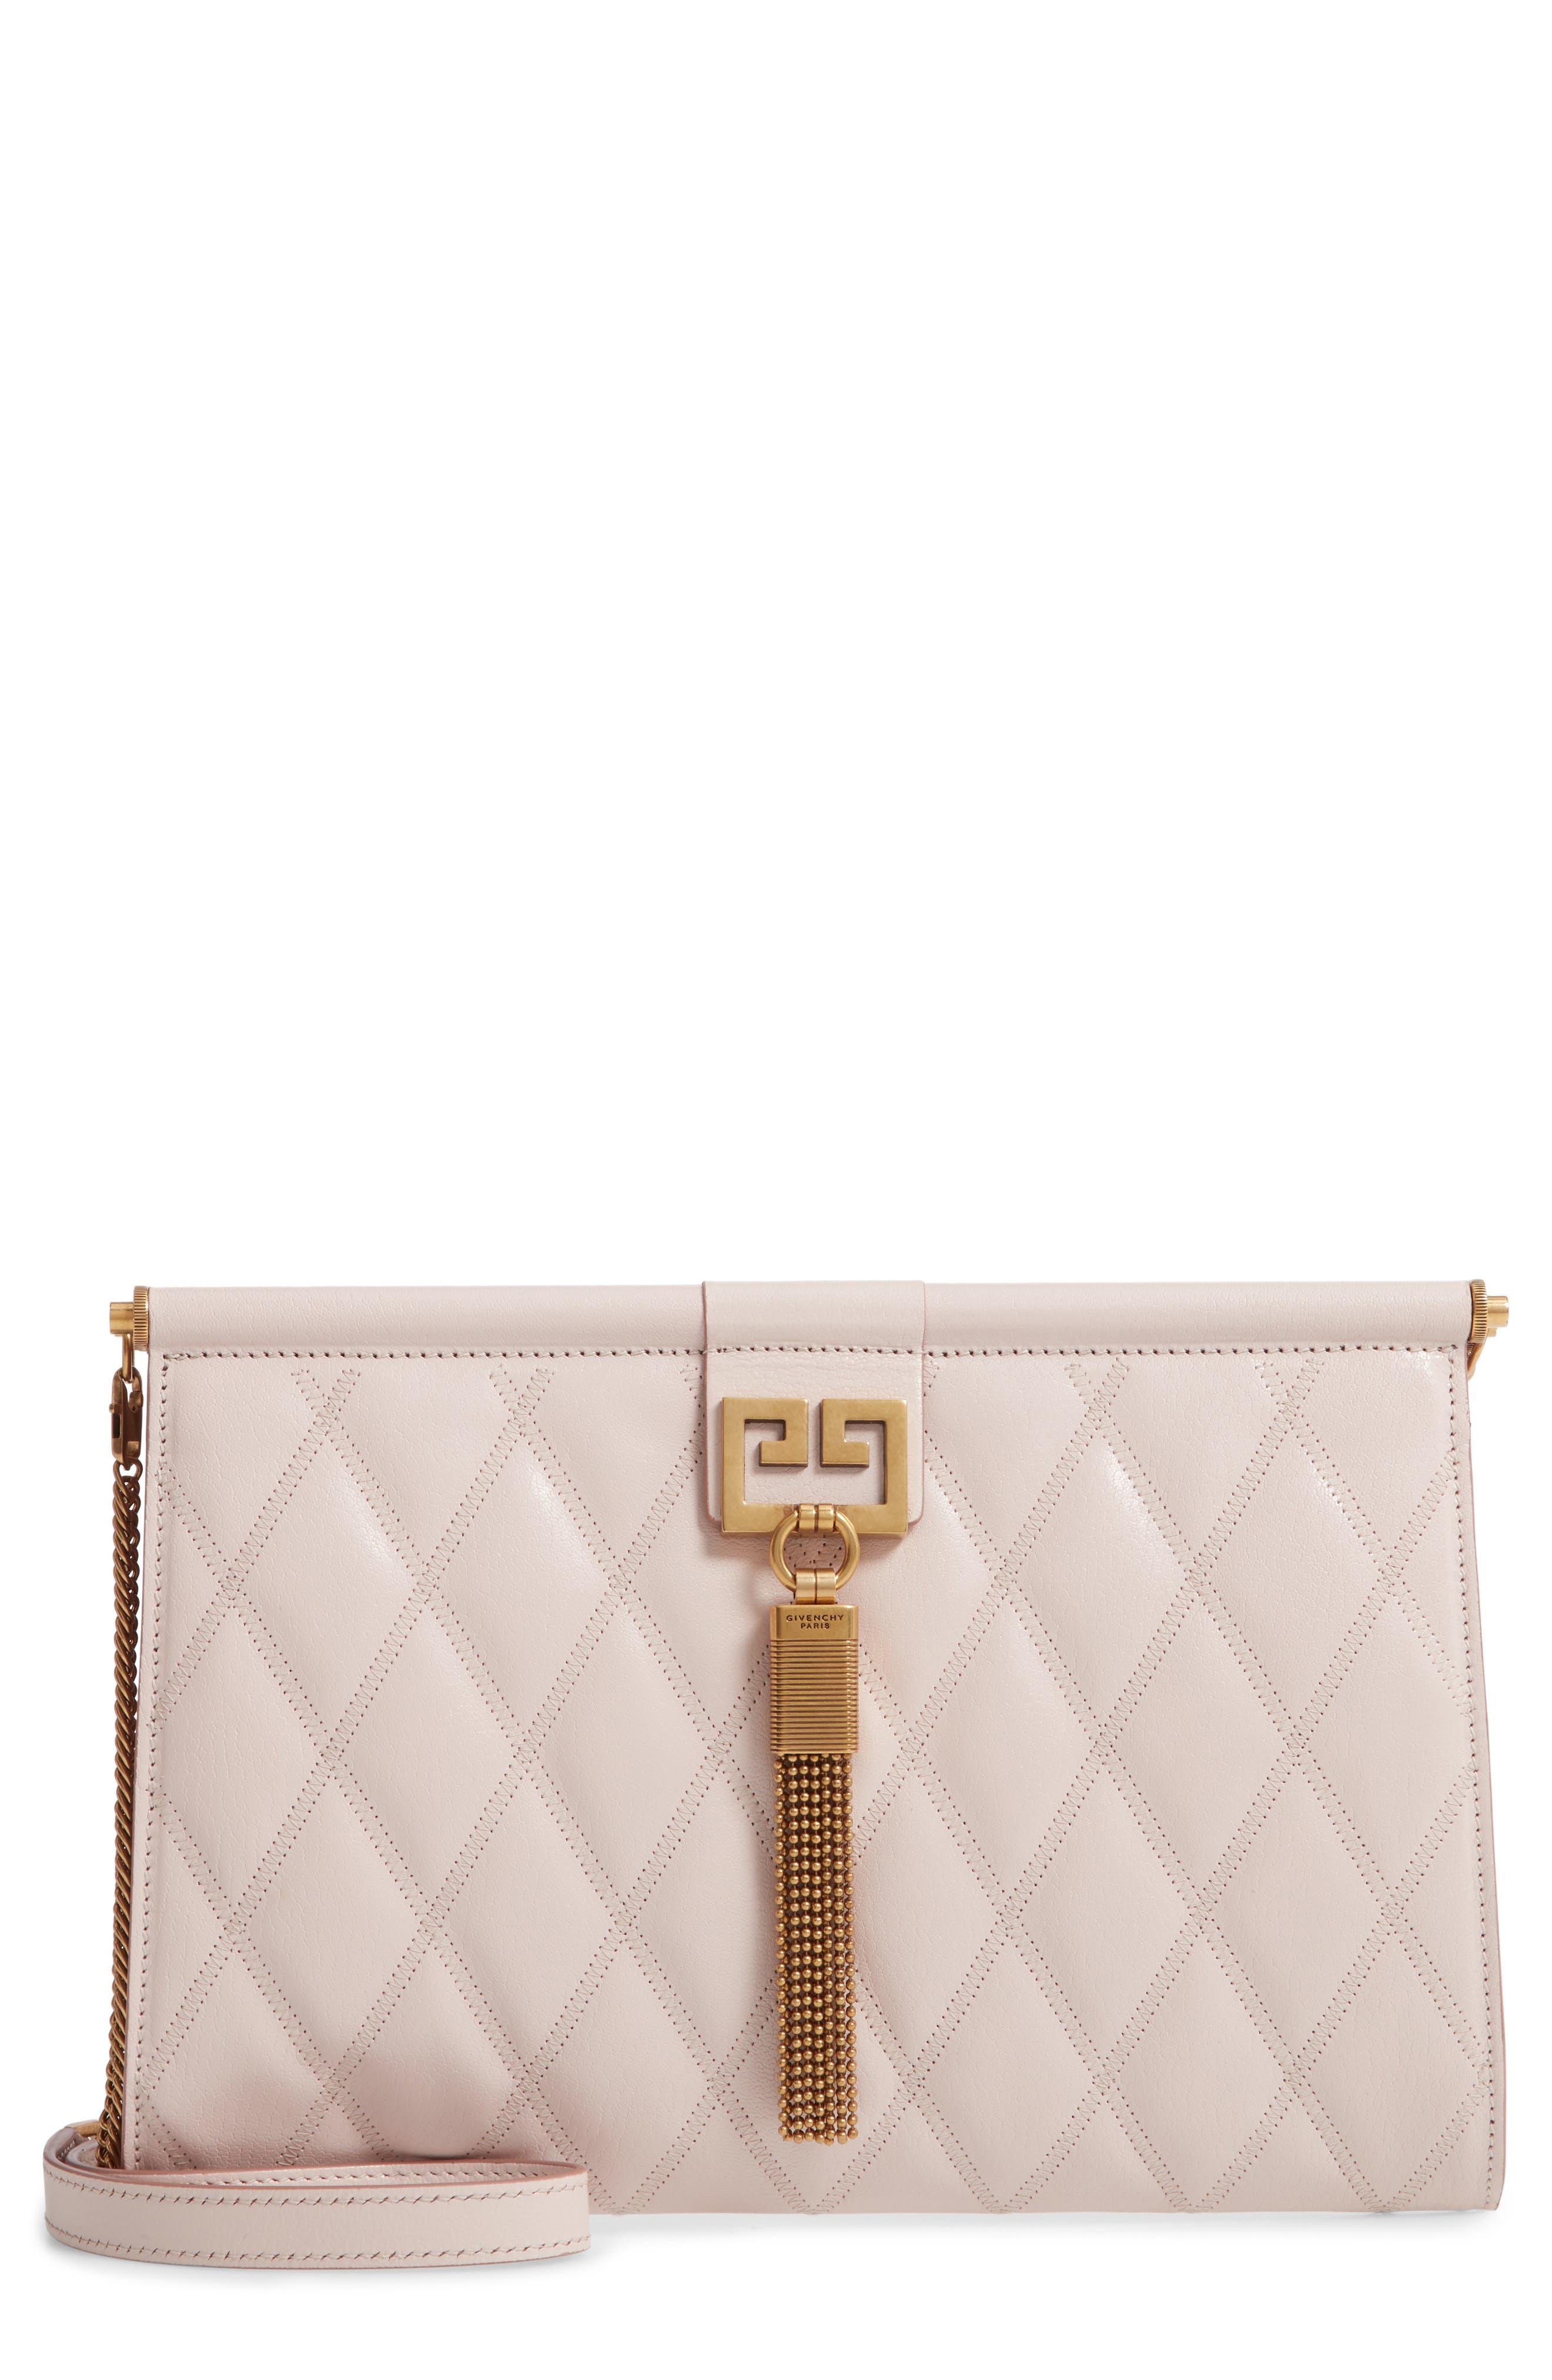 GIVENCHY, Gem Quilted Leather Frame Shoulder Bag, Main thumbnail 1, color, PALE PINK